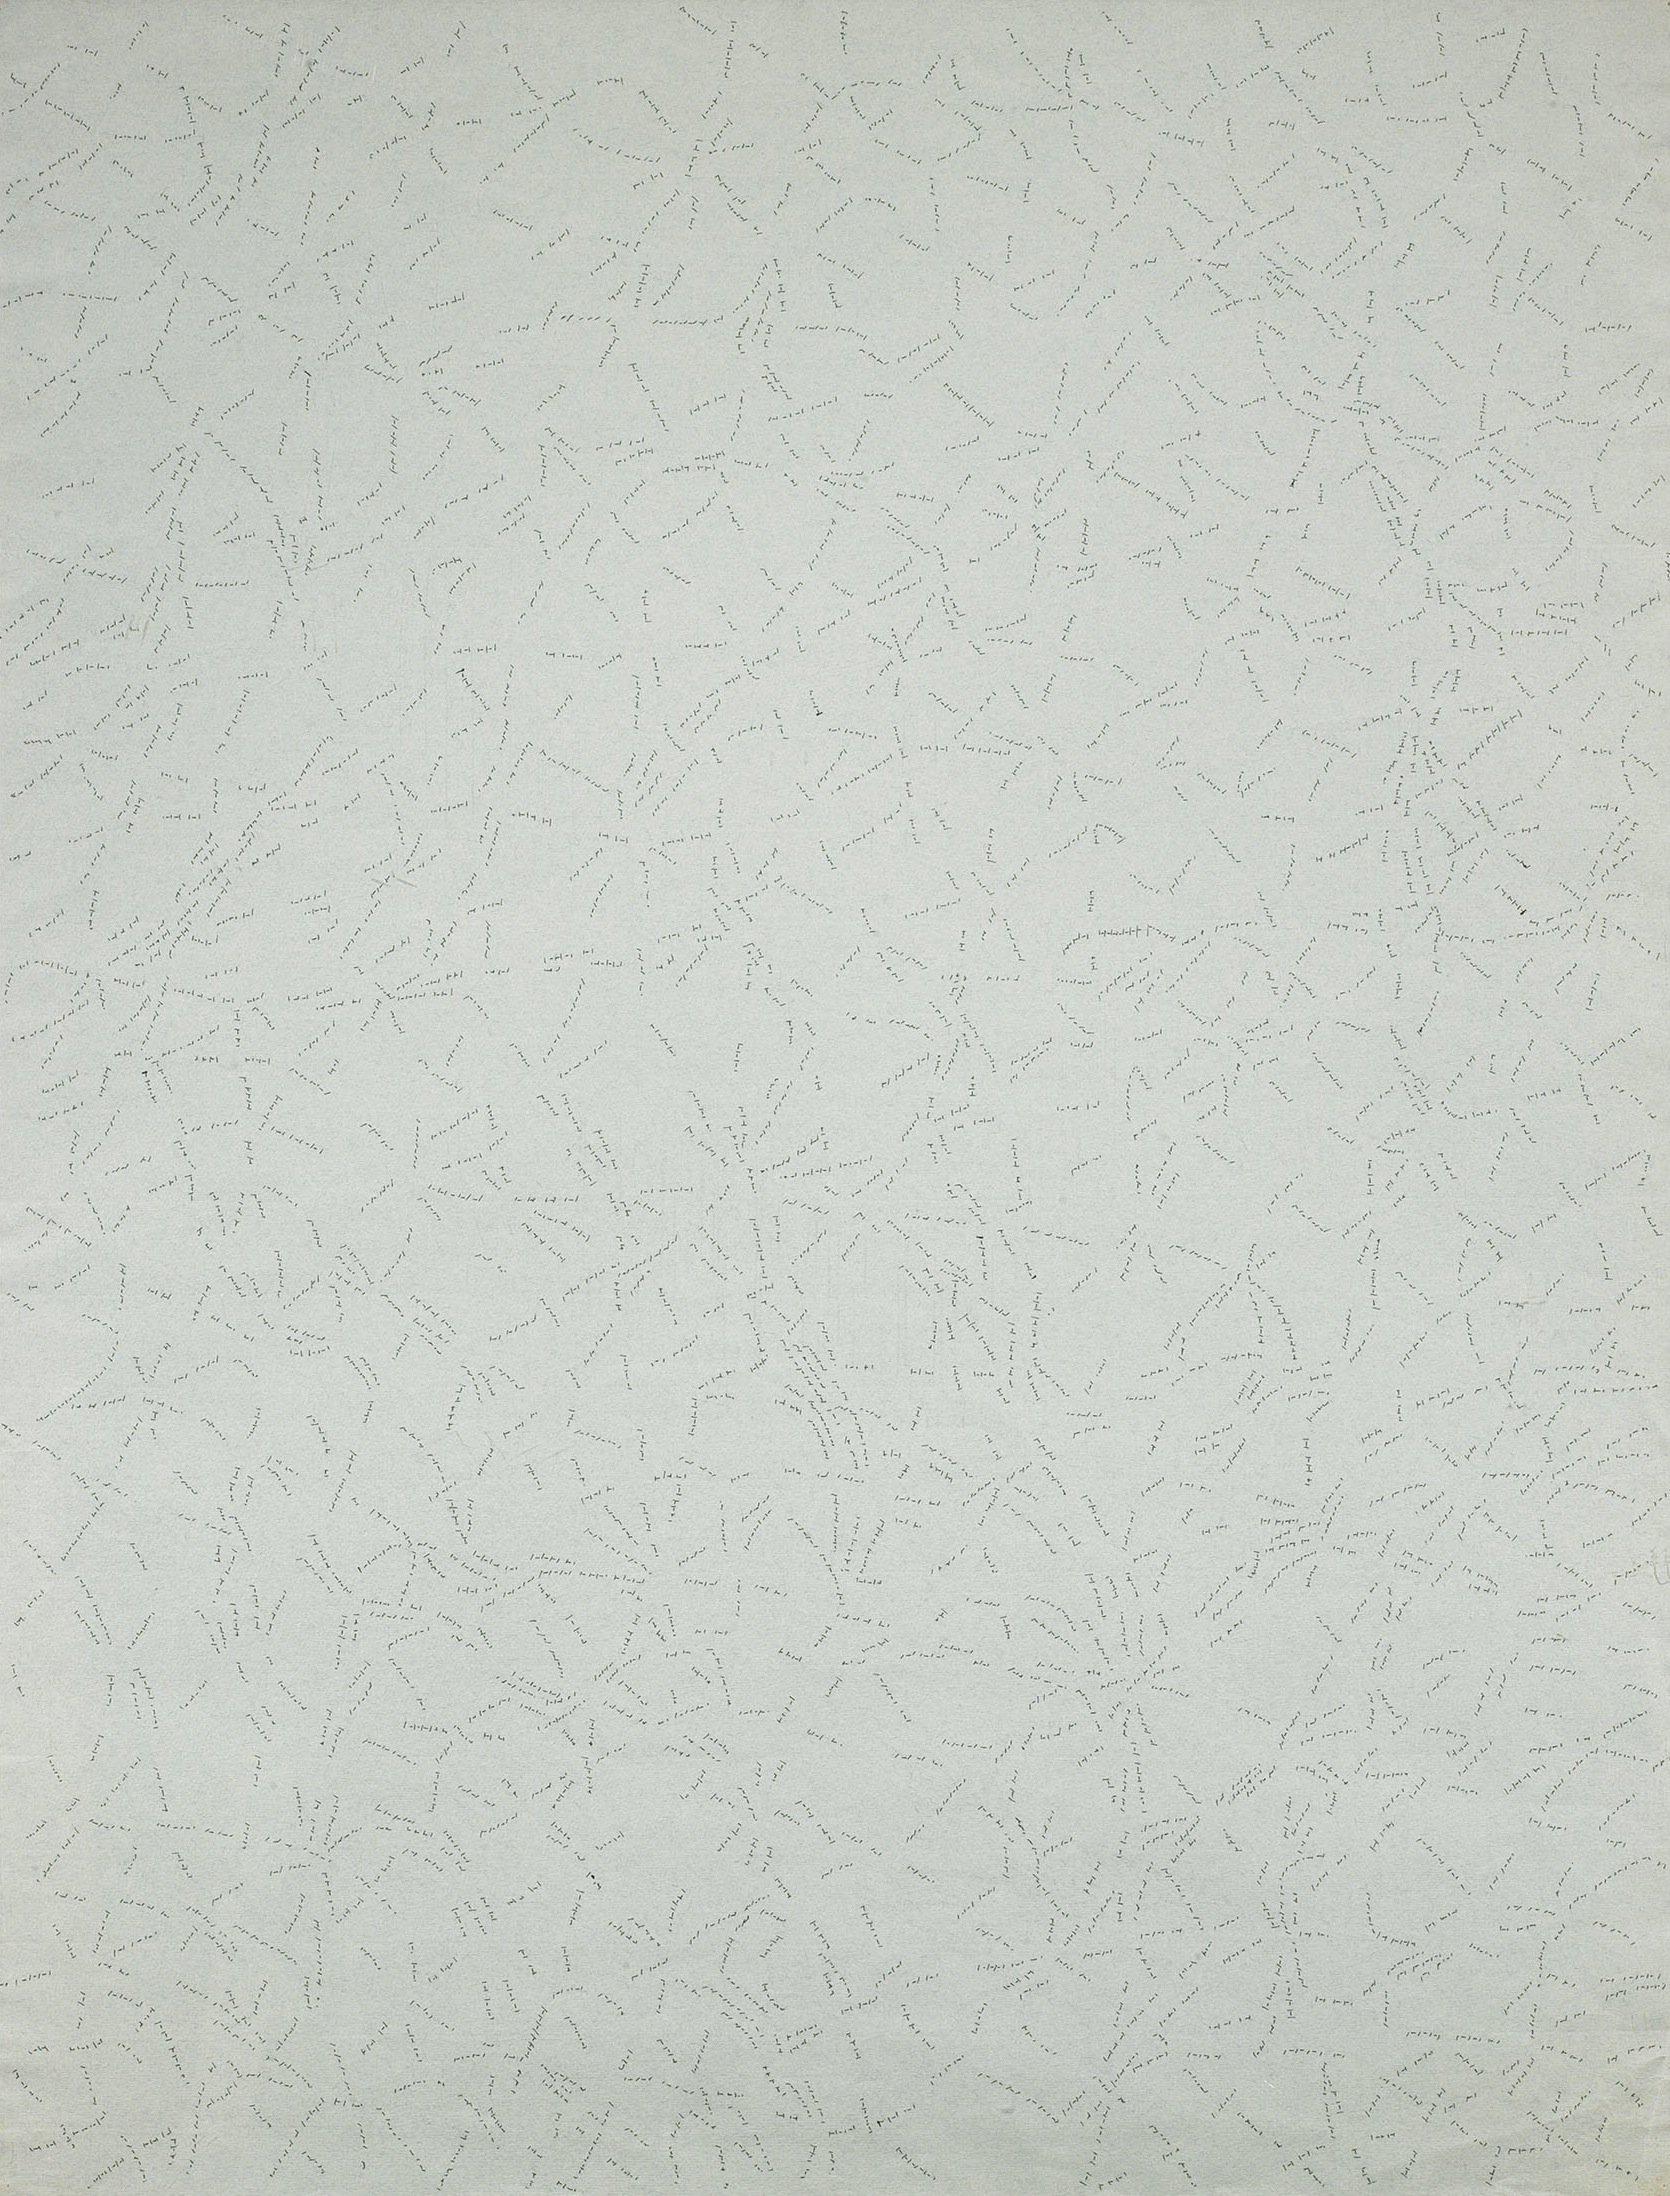 Dadamaino, Interludio, 1981, 50 x 35 cm